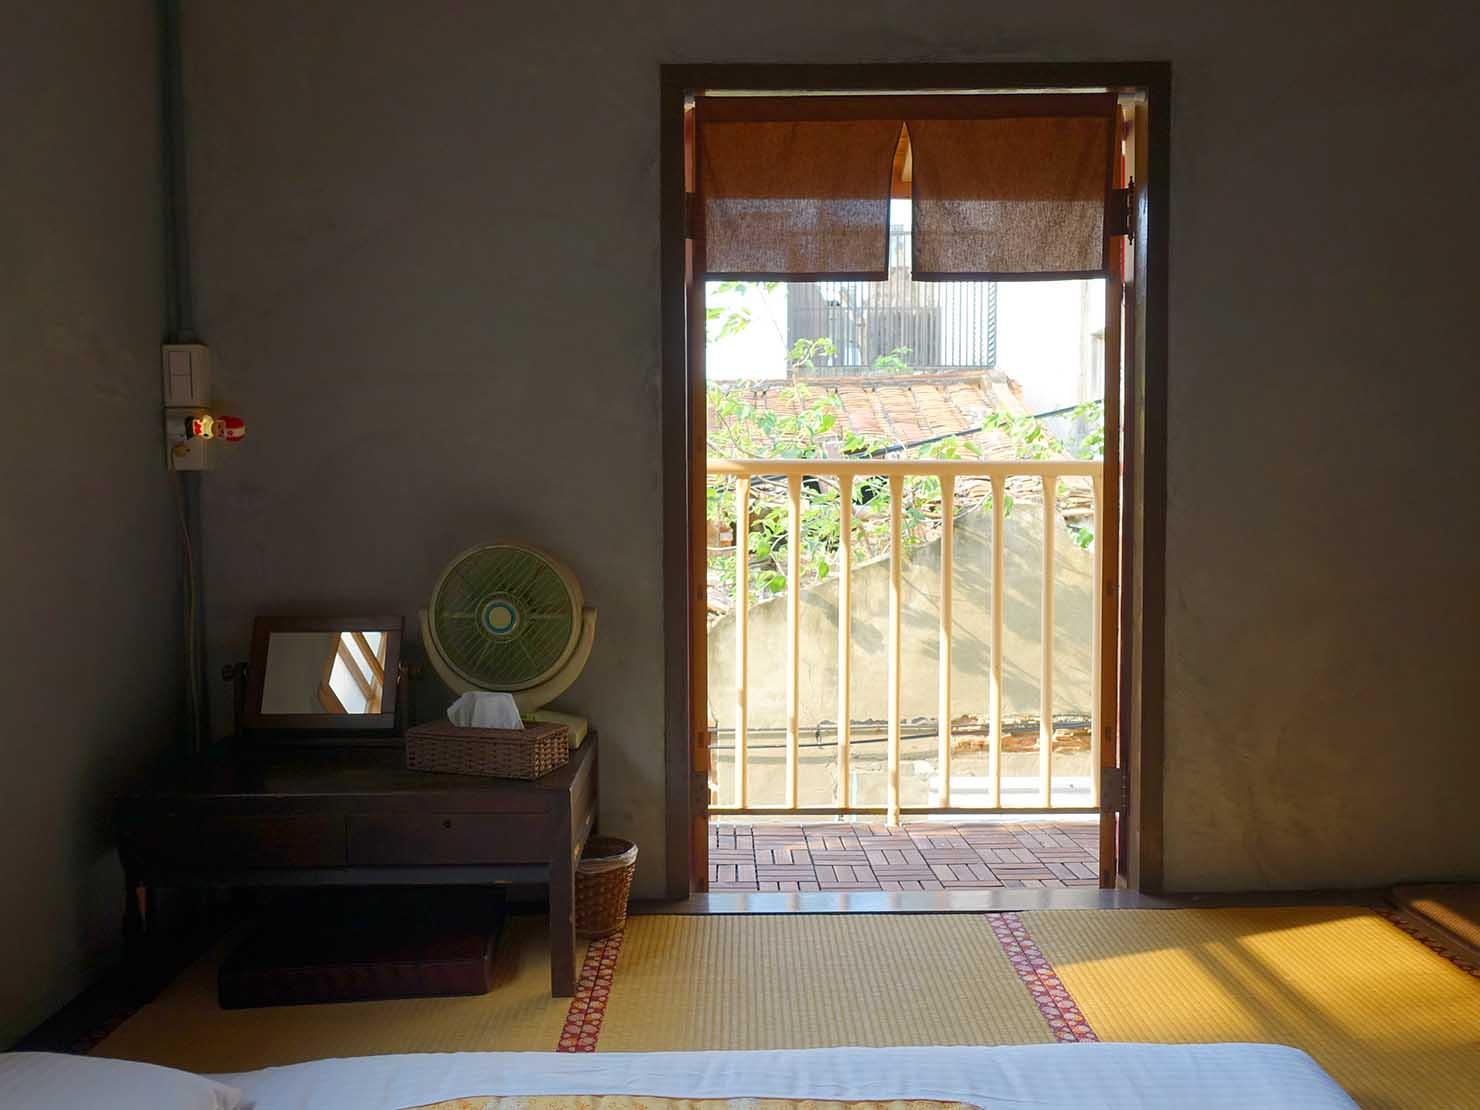 台南のおすすめ古民家ゲストハウス「永福97.1」アティックキャビン2Fベランダへの扉